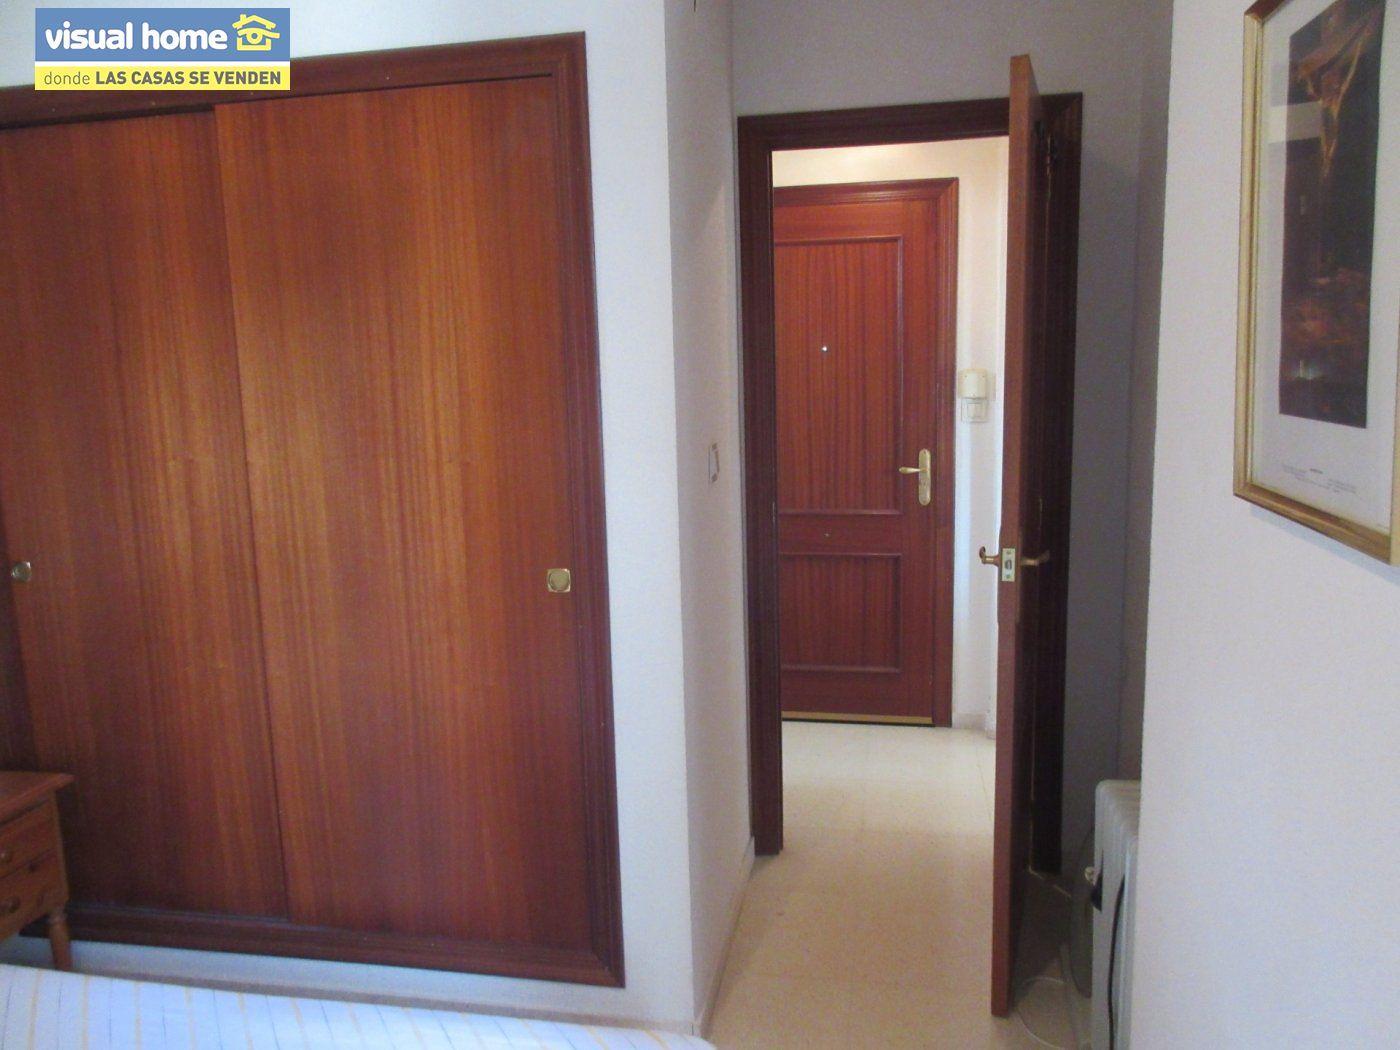 ¡¡¡ Oportunidad !!! Apartamento zona Levante de un dormitorio con parking y piscina 17